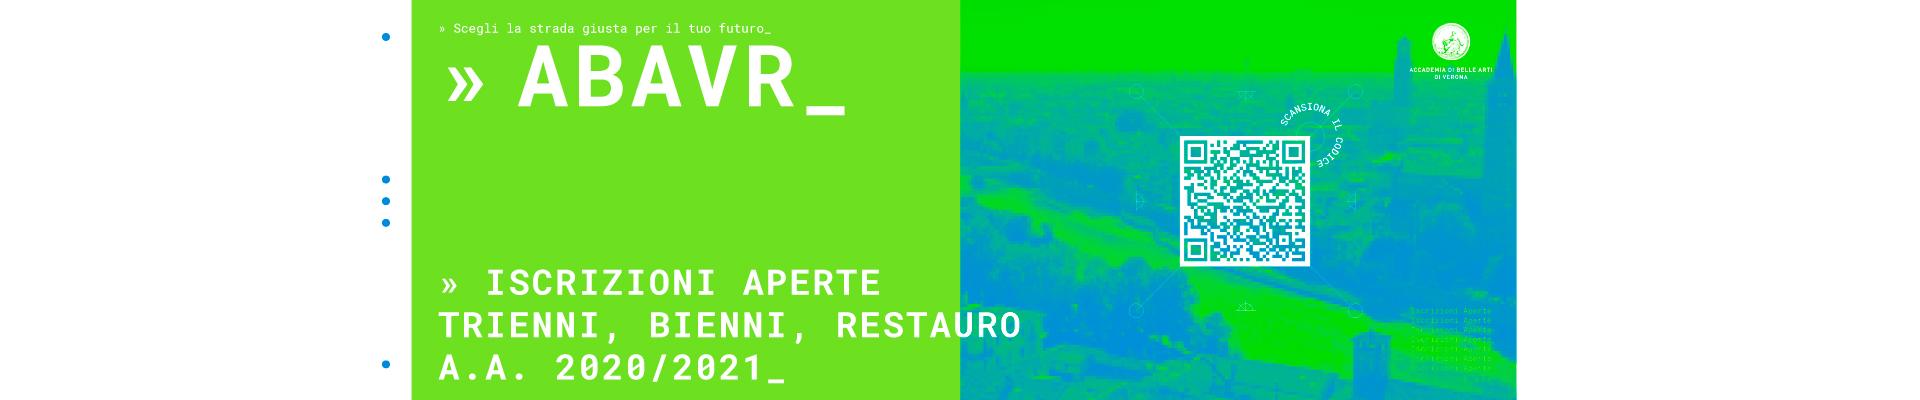 iscrizioni_aperte_banner-1